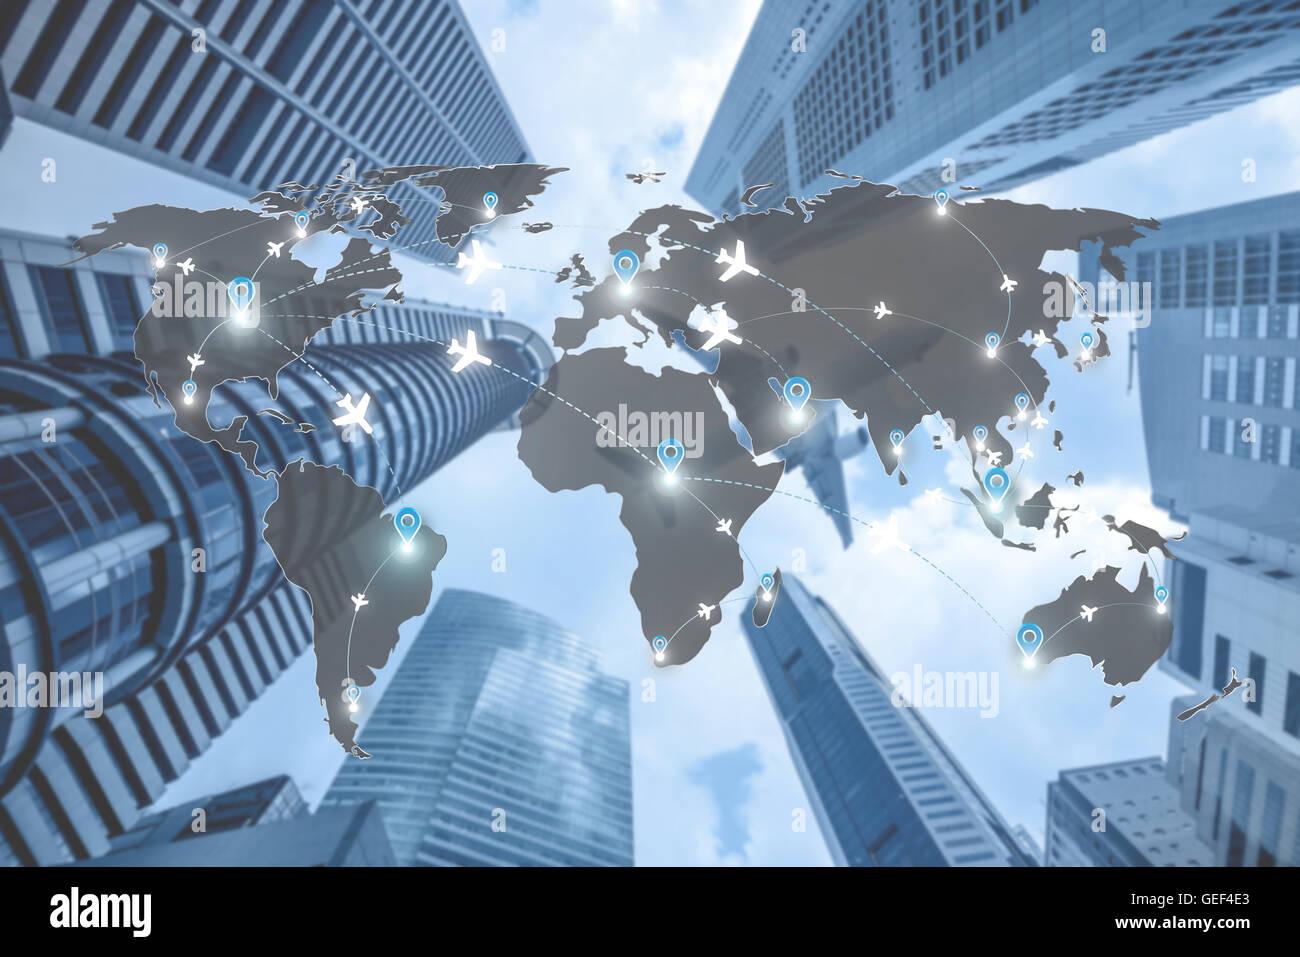 Karte von Flug Strecken Flugzeuge Netznutzung für weltweite Reisen, Import, Export, Logistik-Netzwerk-Konzept. Stockbild